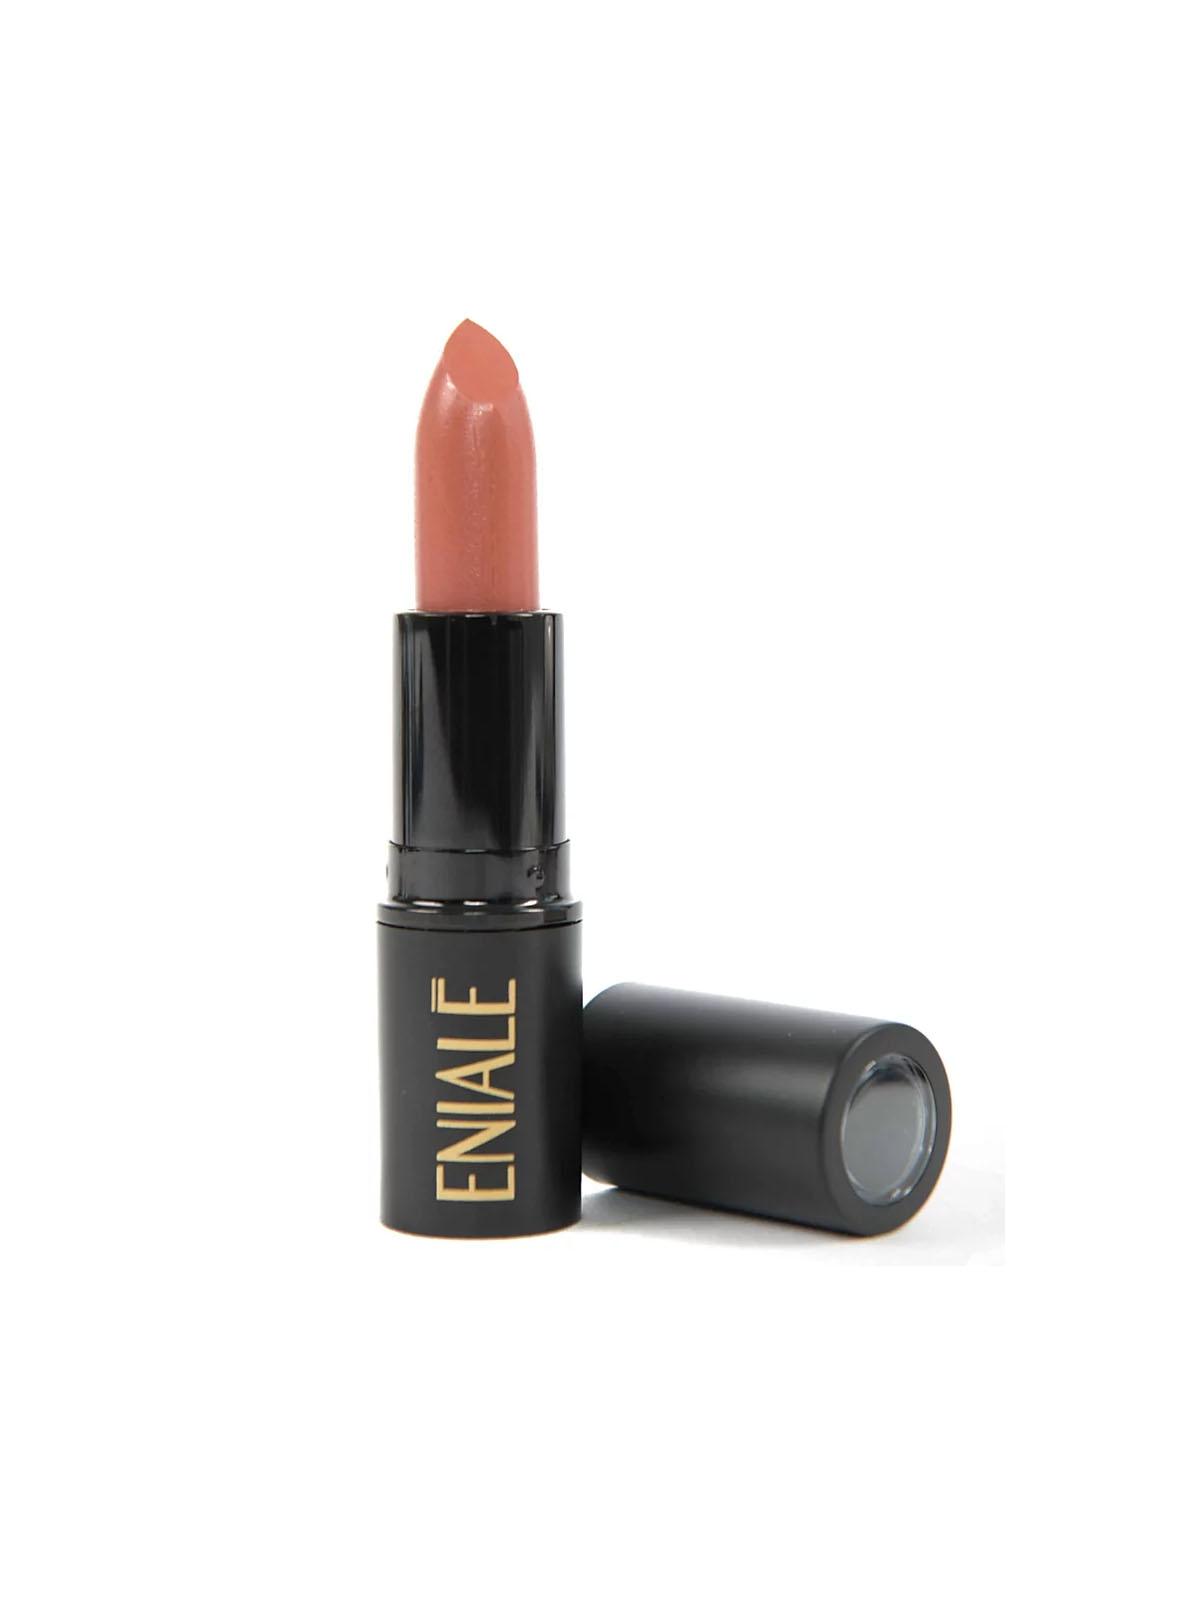 Era cuestión de tiempo que surgiera una colaboración beauty y ha llegado en forma de este labial de Eniale Cosmetics que lleva su nombre. $15. enialecosmetics.com